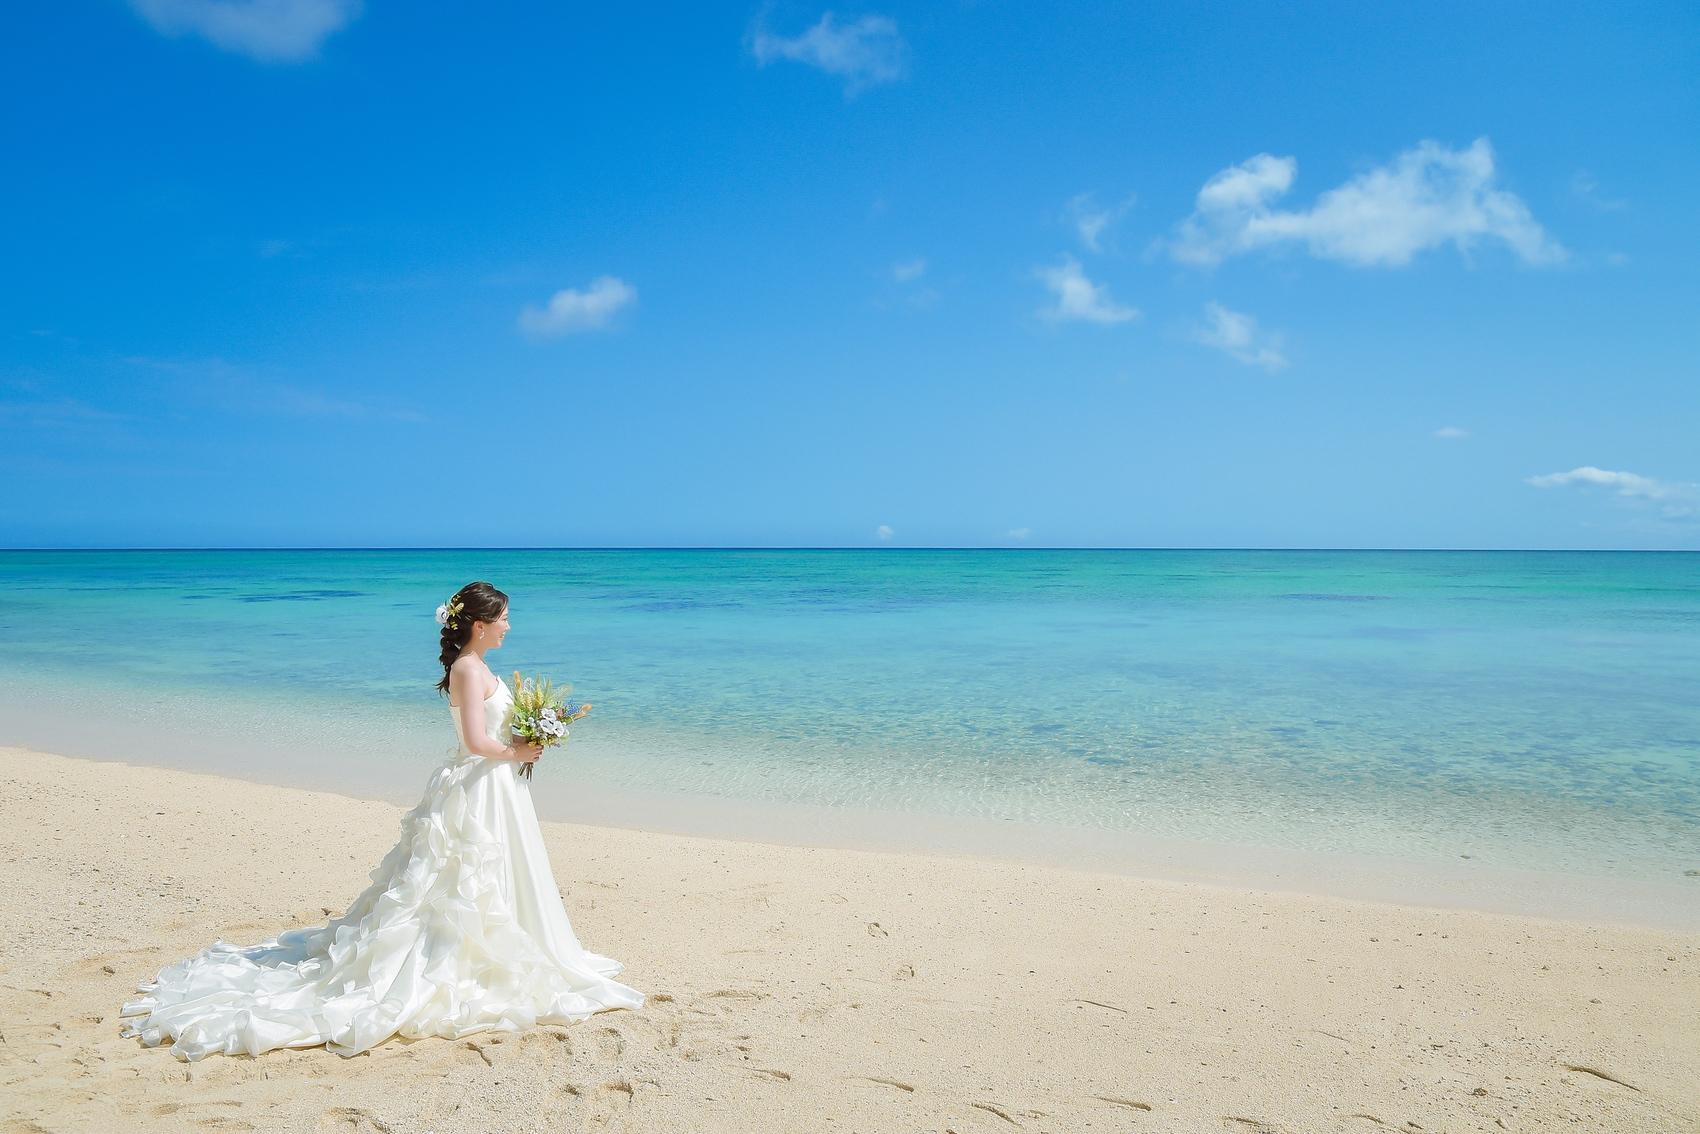 石垣島のシークレットビーチ